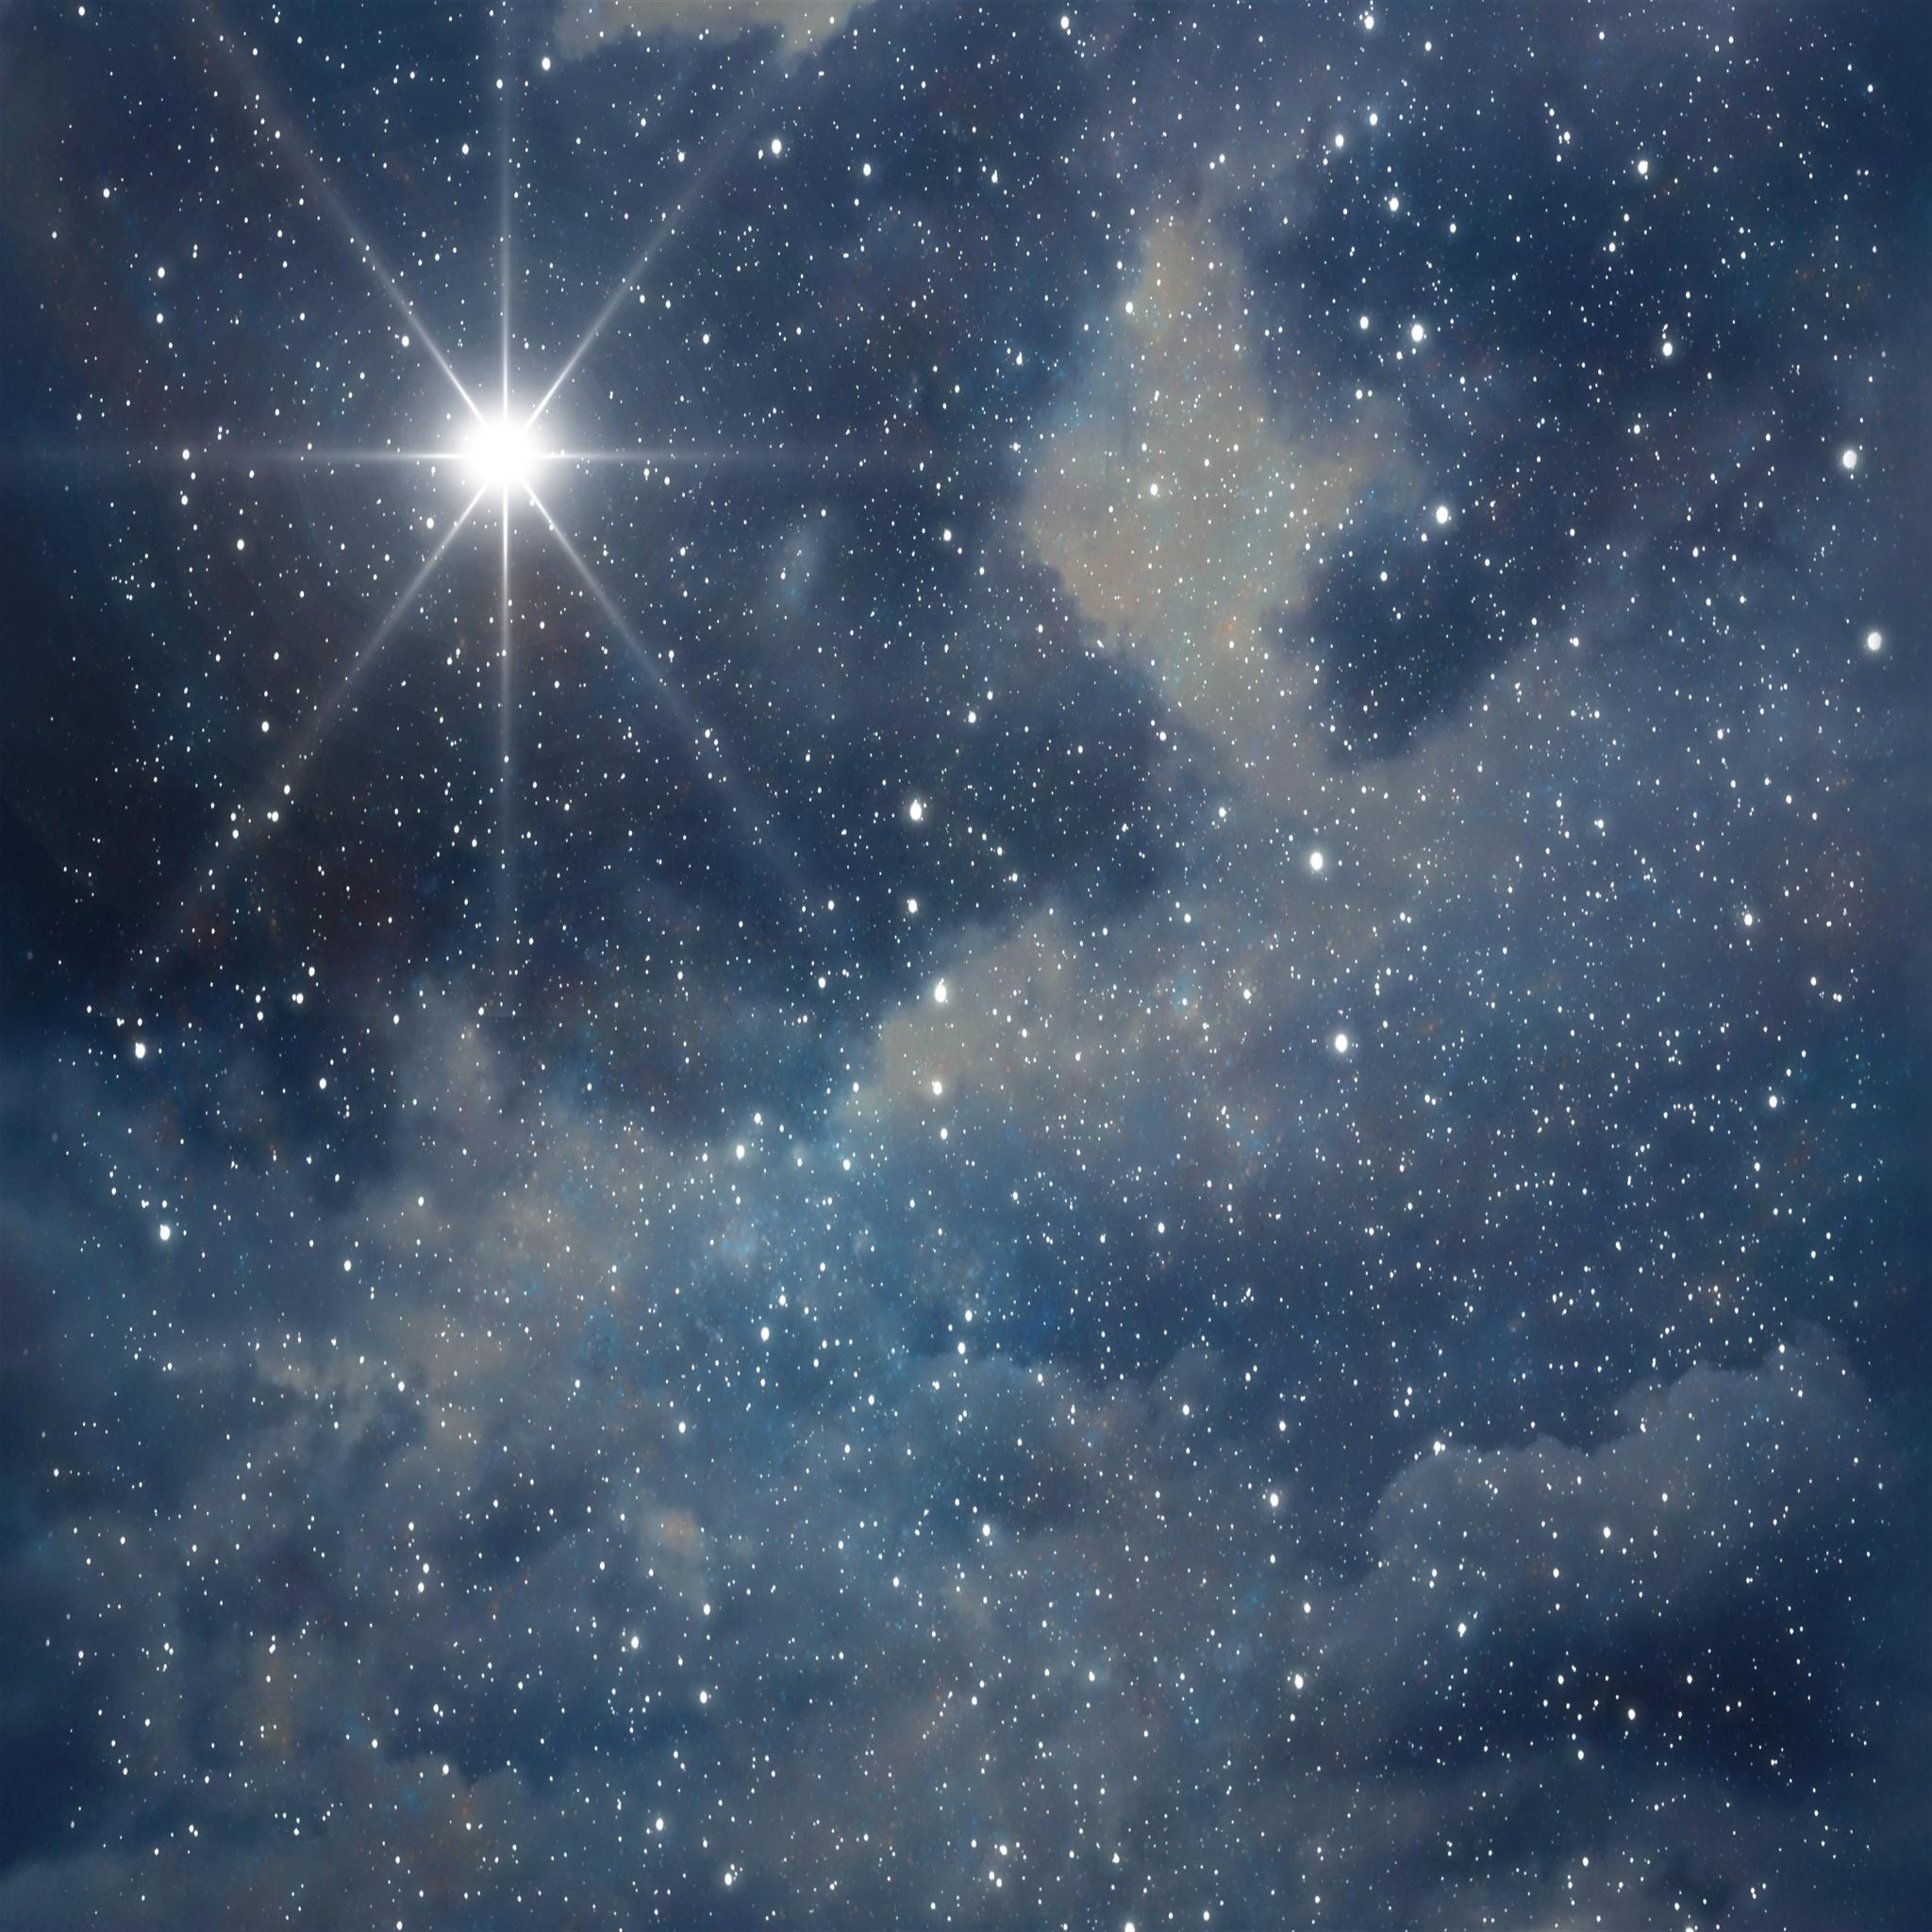 Background Night Sky by templep2k2 2048x2048